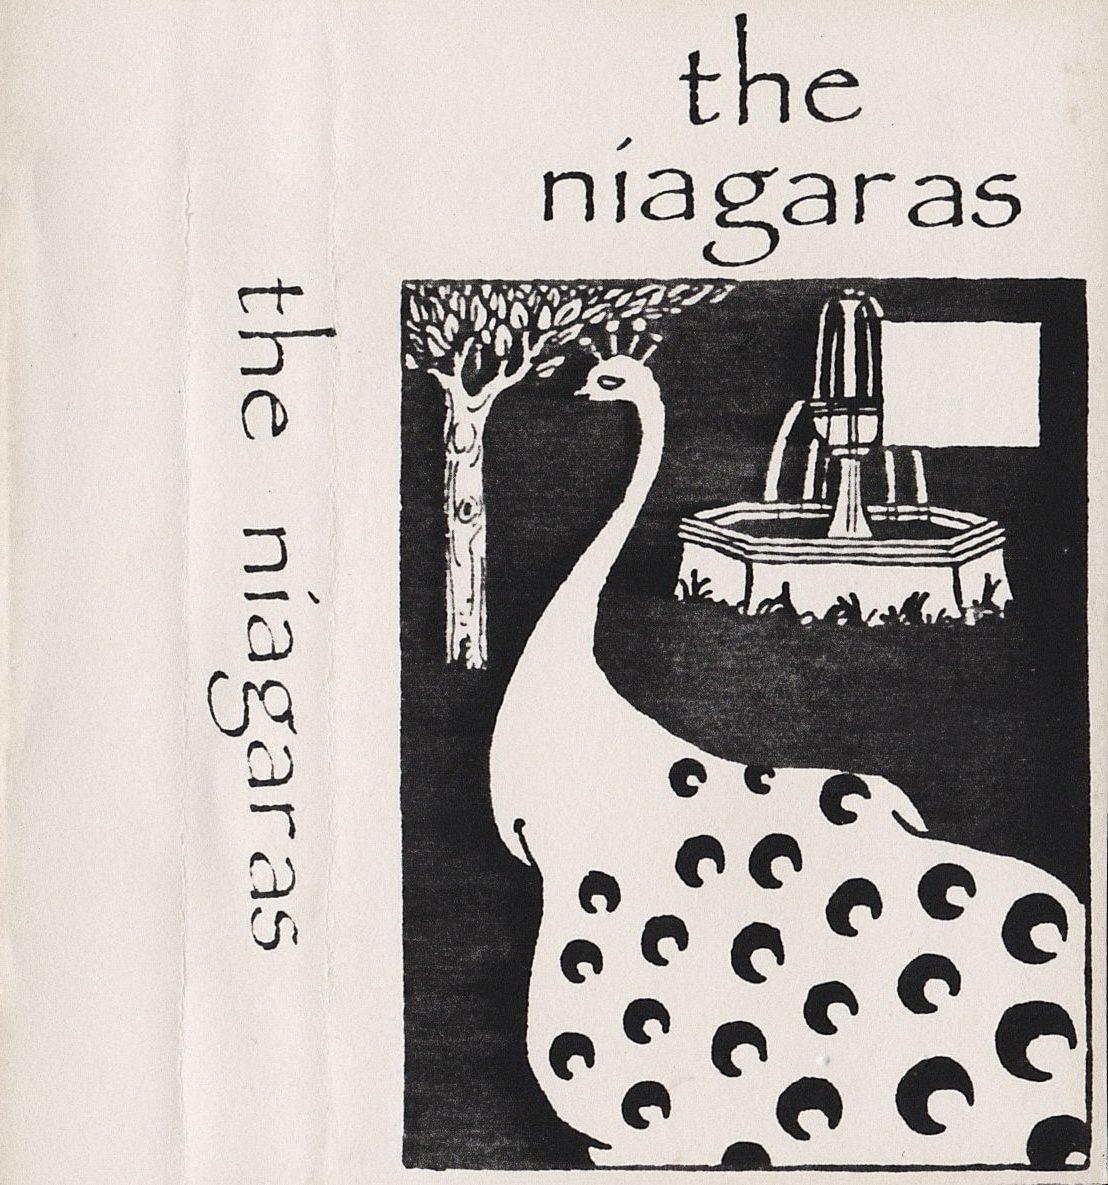 The Niagaras: Four Songs, 1988